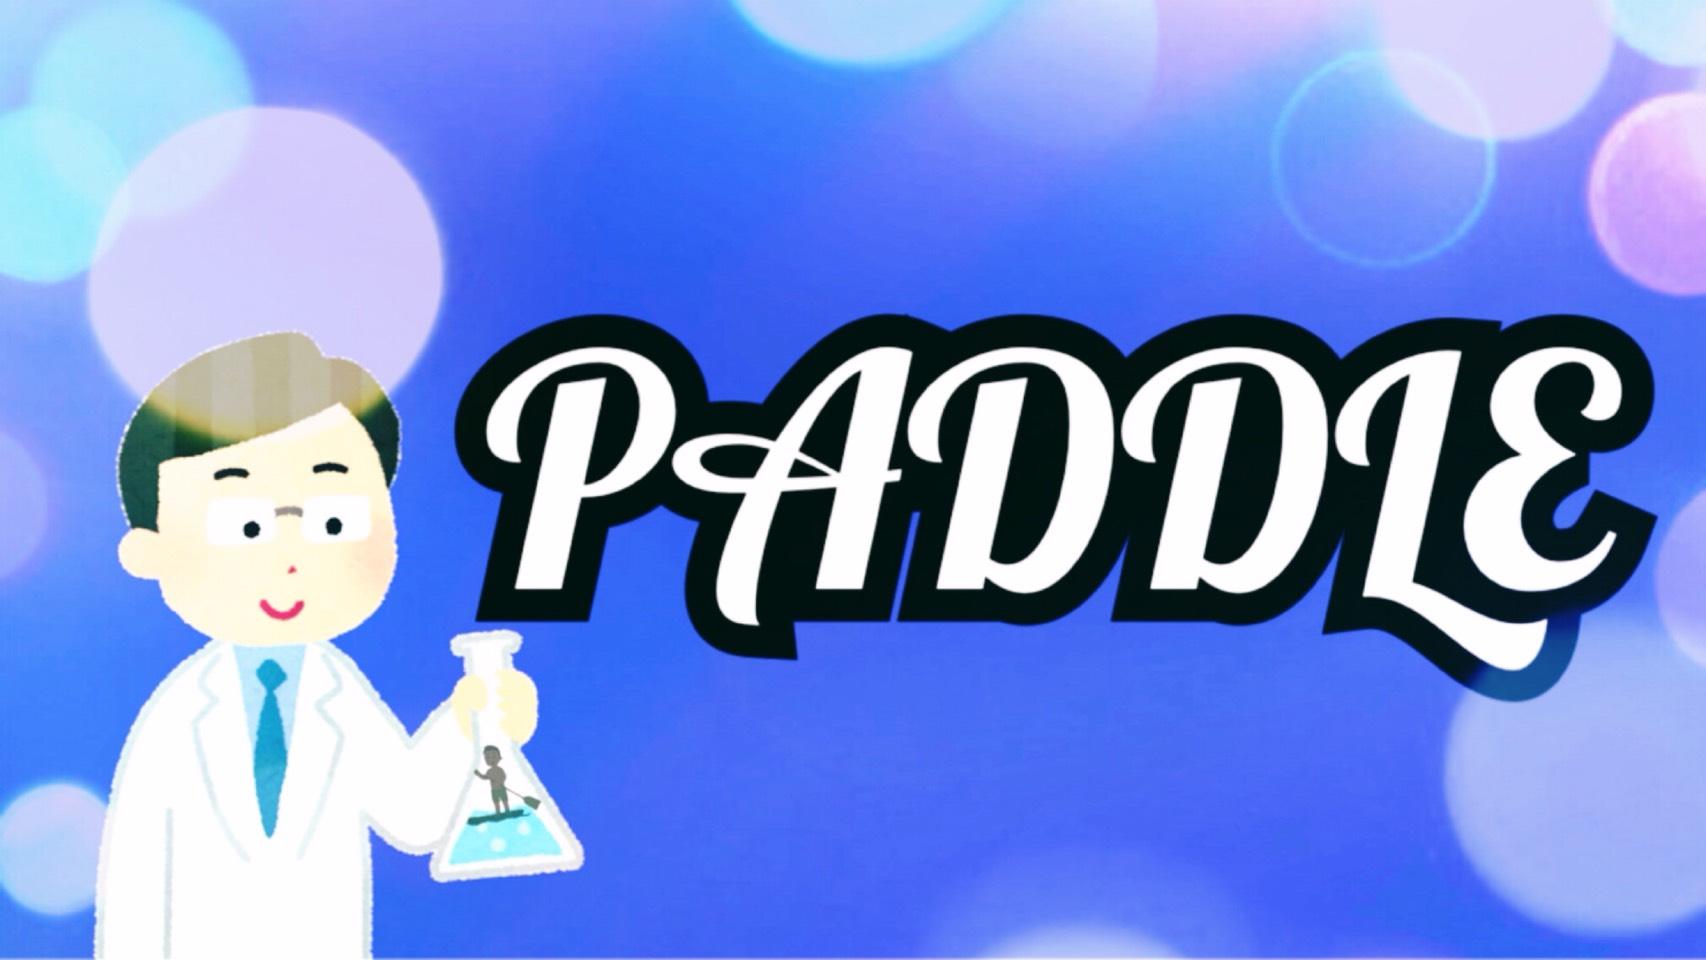 「PADDLE」のイメージ